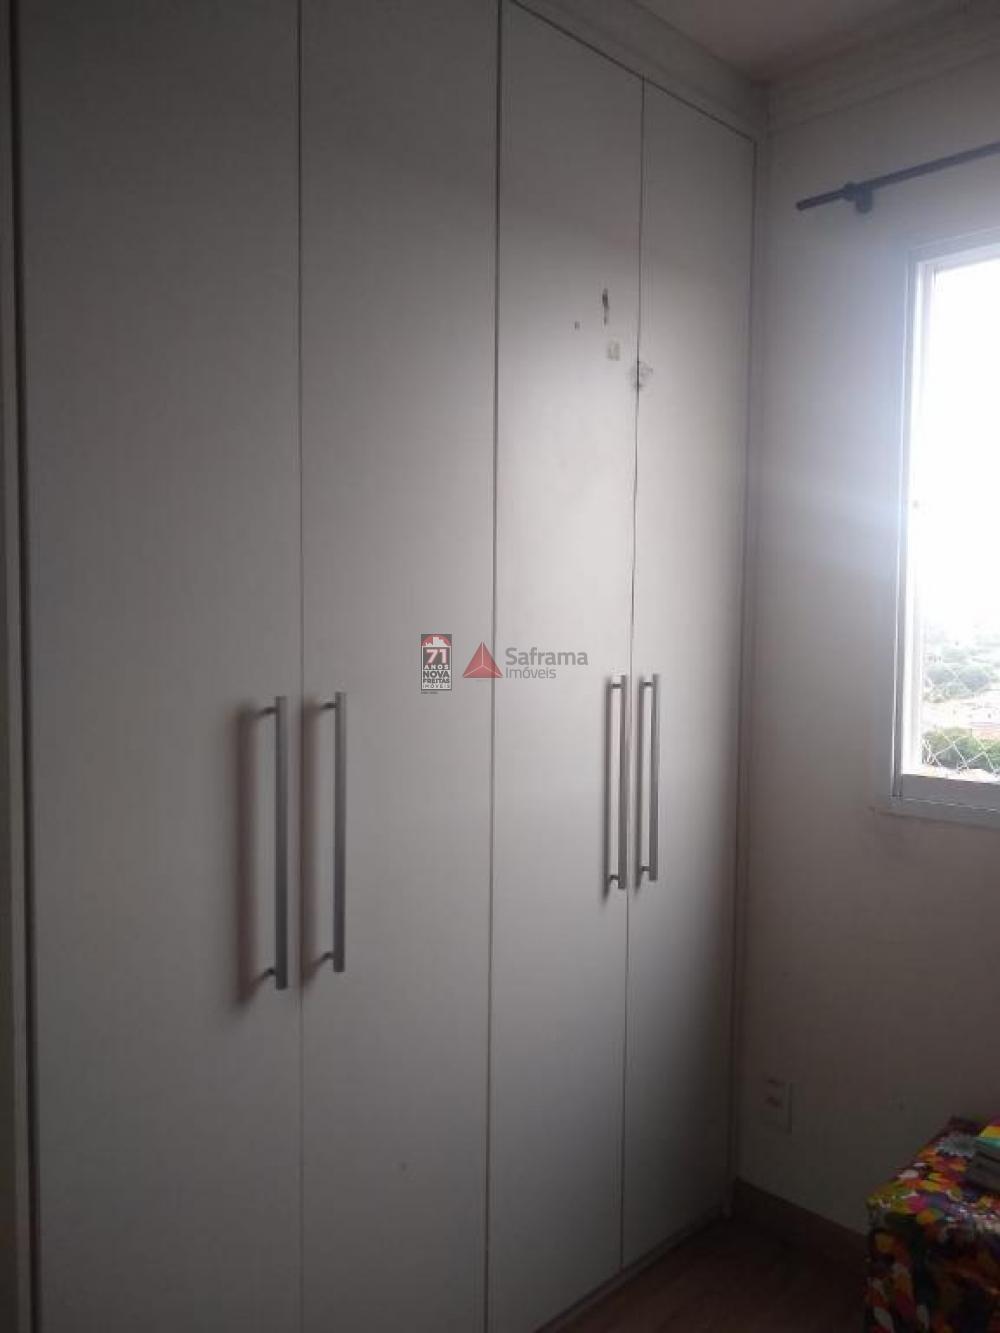 Comprar Apartamento / Padrão em São José dos Campos apenas R$ 220.000,00 - Foto 3